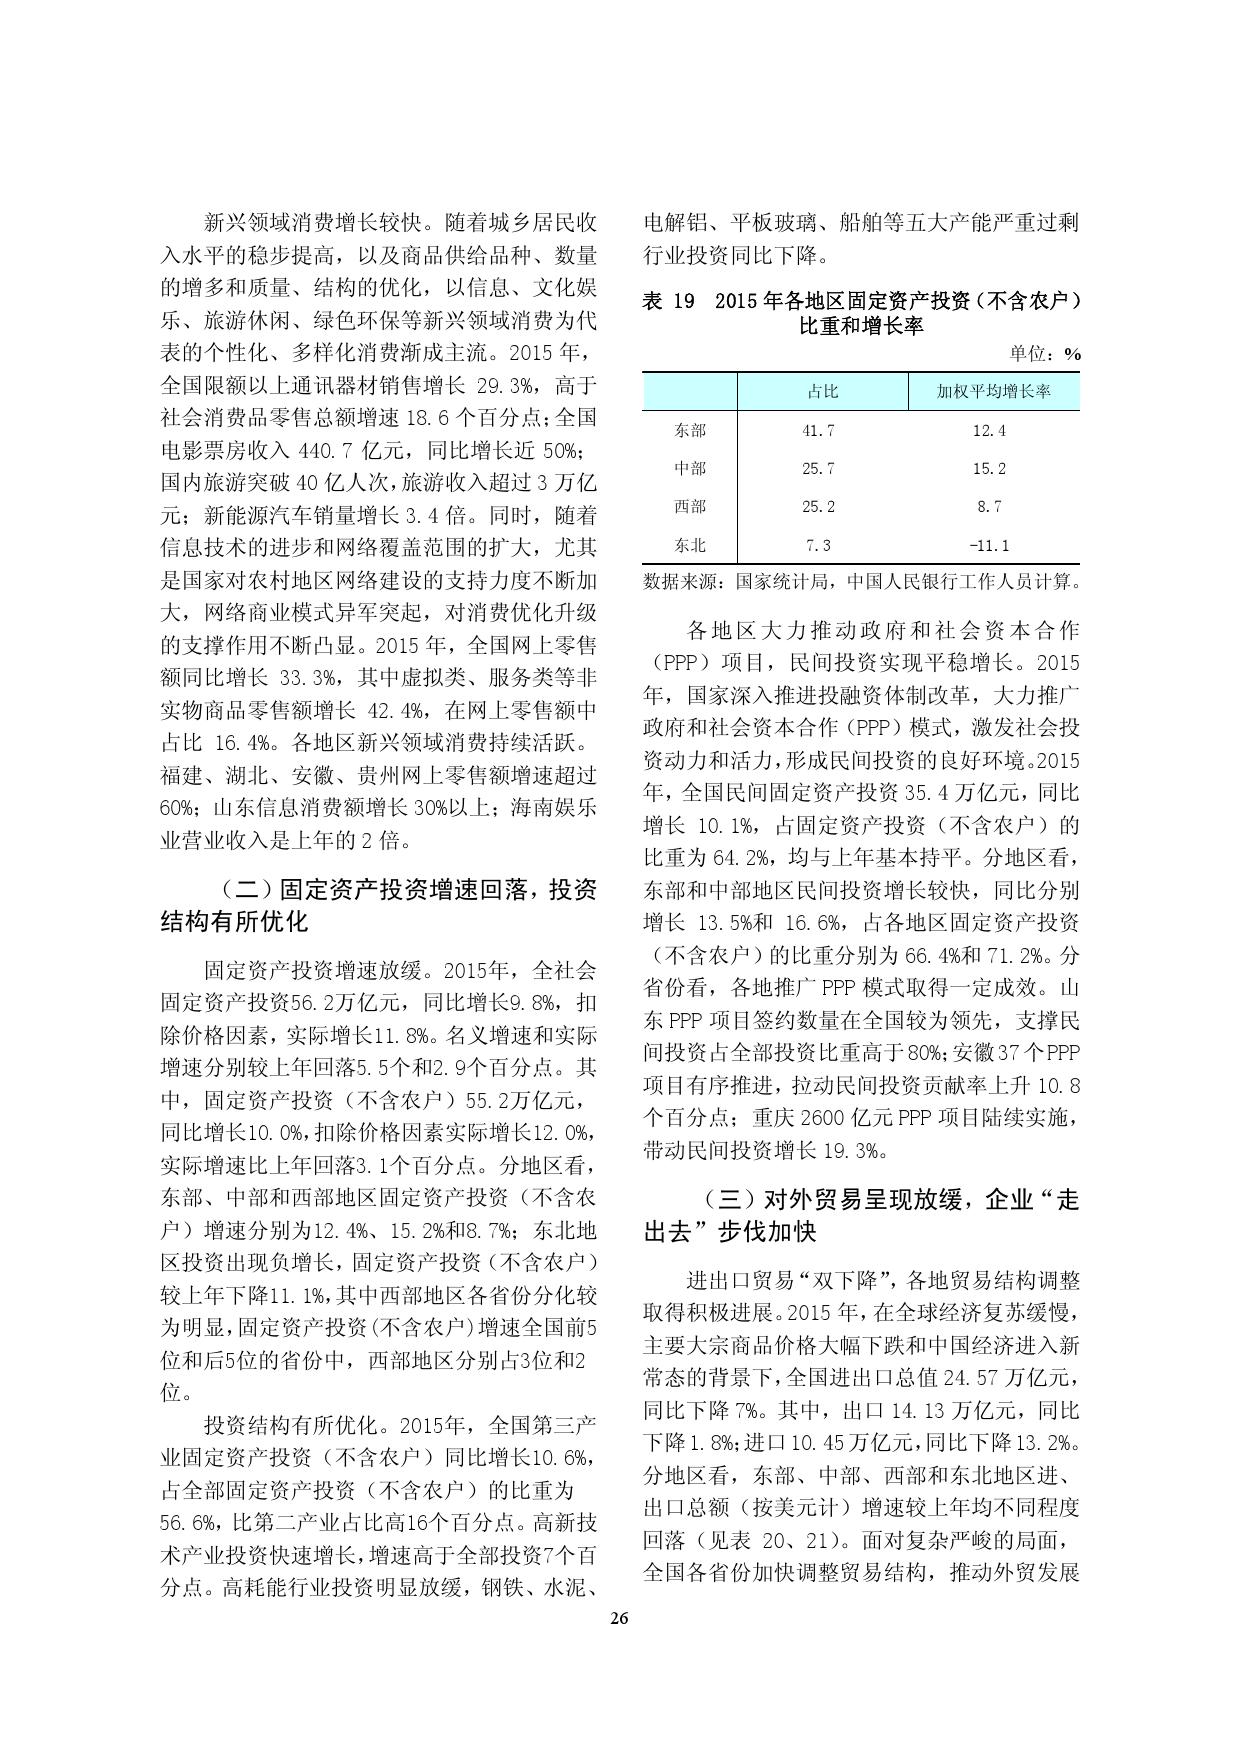 2015年中国区域金融运行报告_000029